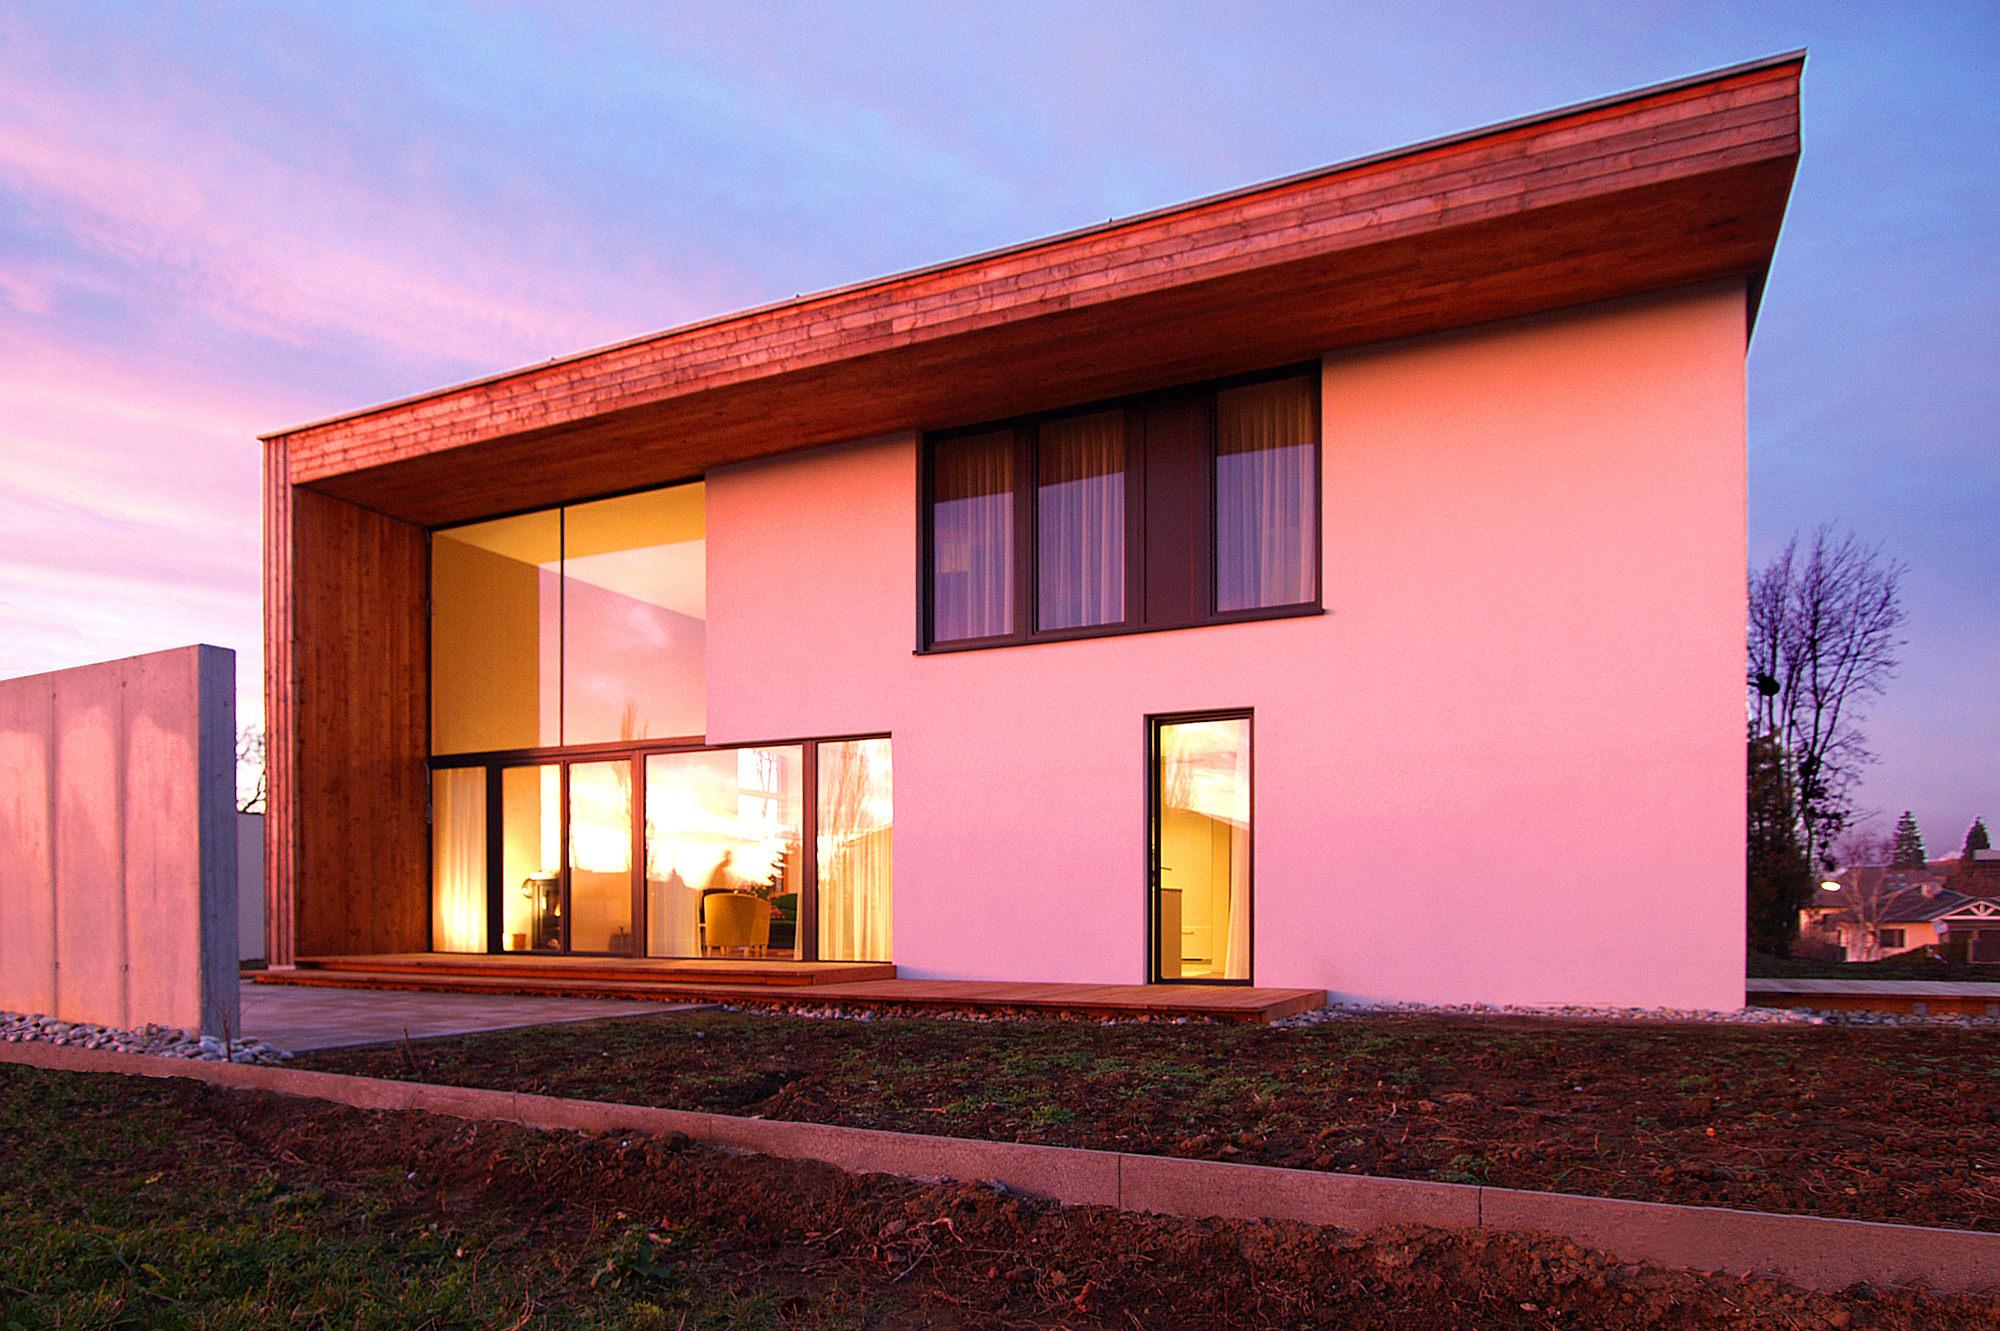 haus kv 01 einfamilienhaus niedrigenergiehaus st poelten niederoesterreich junger beer architektur